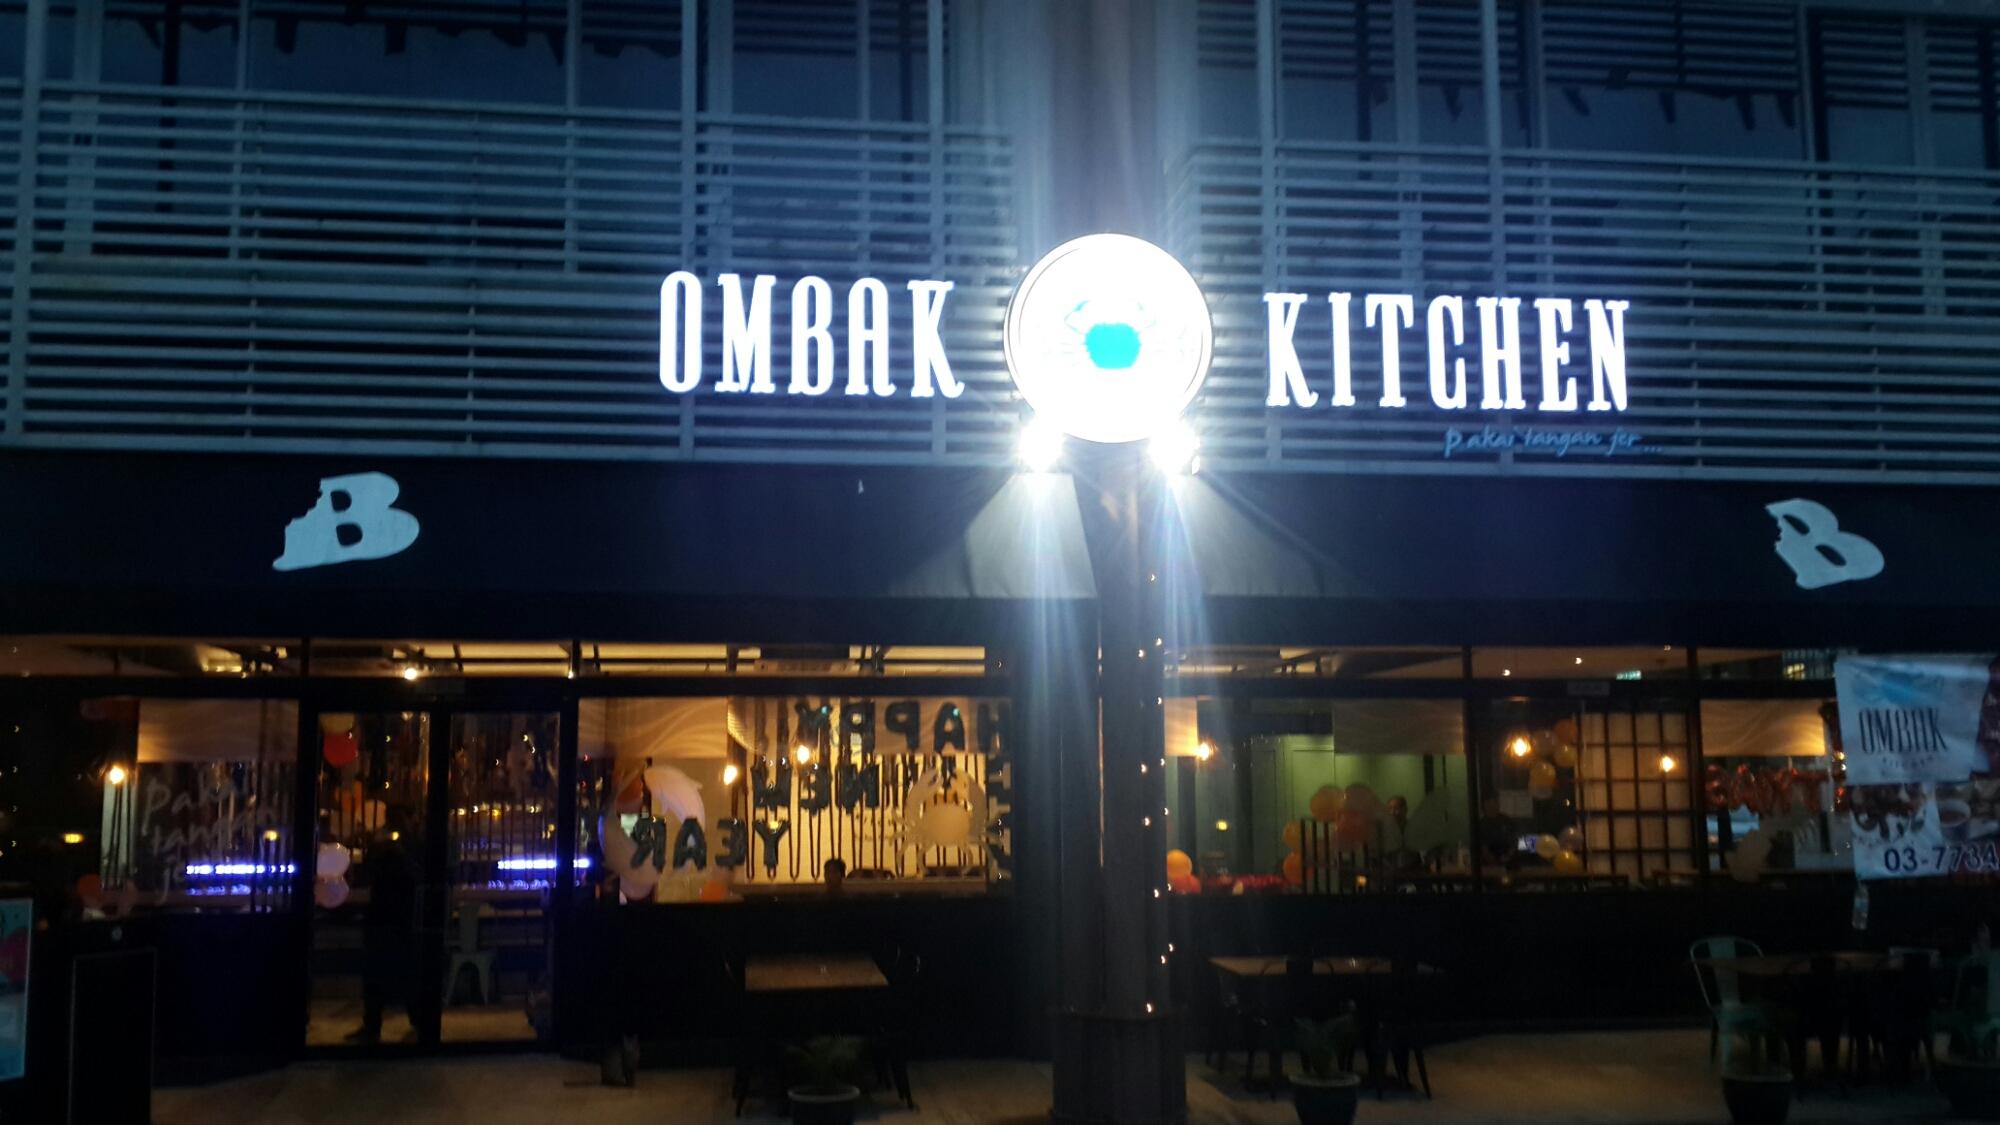 Live Kitchen Restaurant In Bangladesh